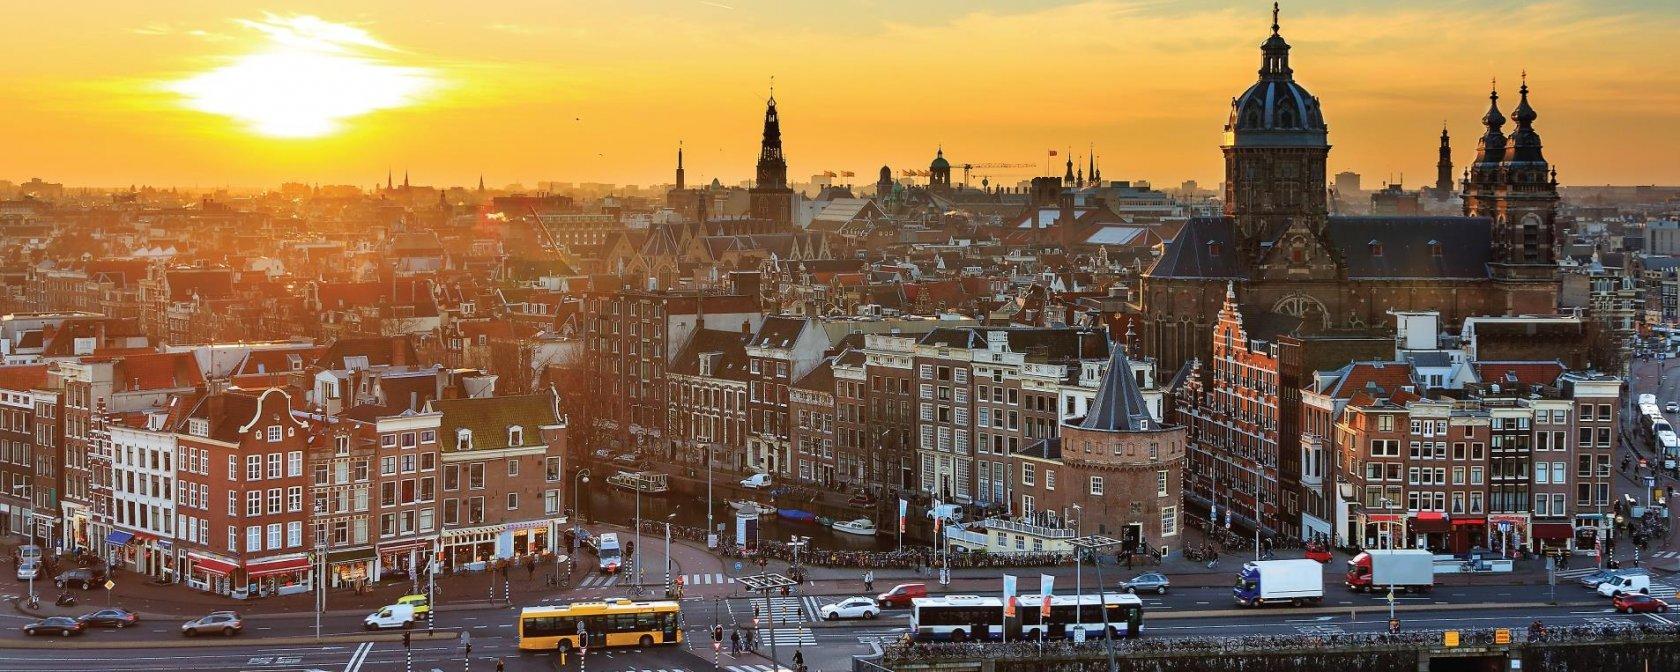 Нидерланды: страна изобретателей. КОНКУРС